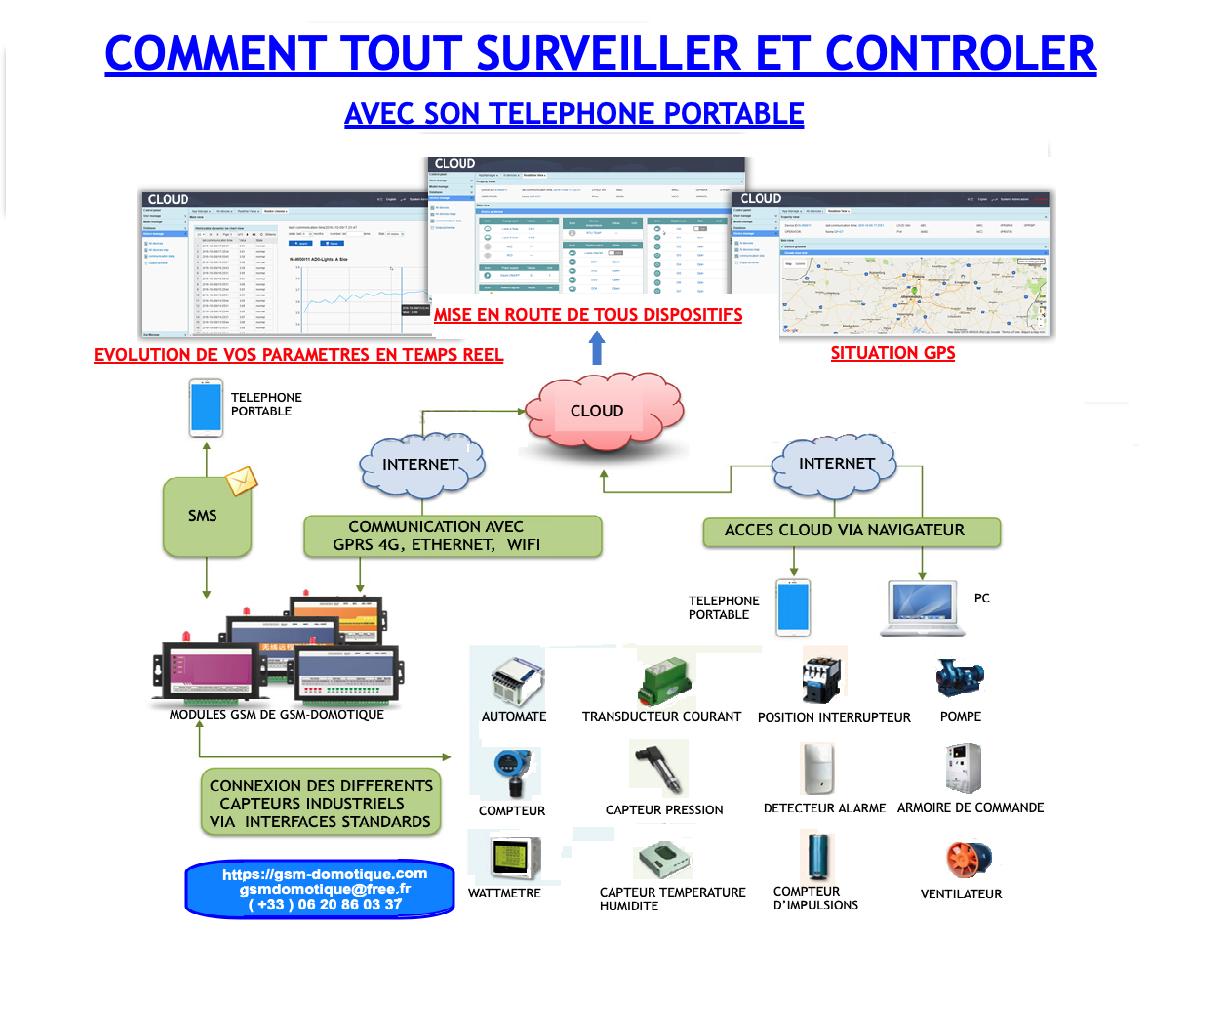 COMMENT-TOUT-SURVEILLER-ET-CONTROLER-AVEC-SON-TELEPHONE-PORTABLE-ET-LE-CLOUD-DE-GSM-DOMOTIQUE